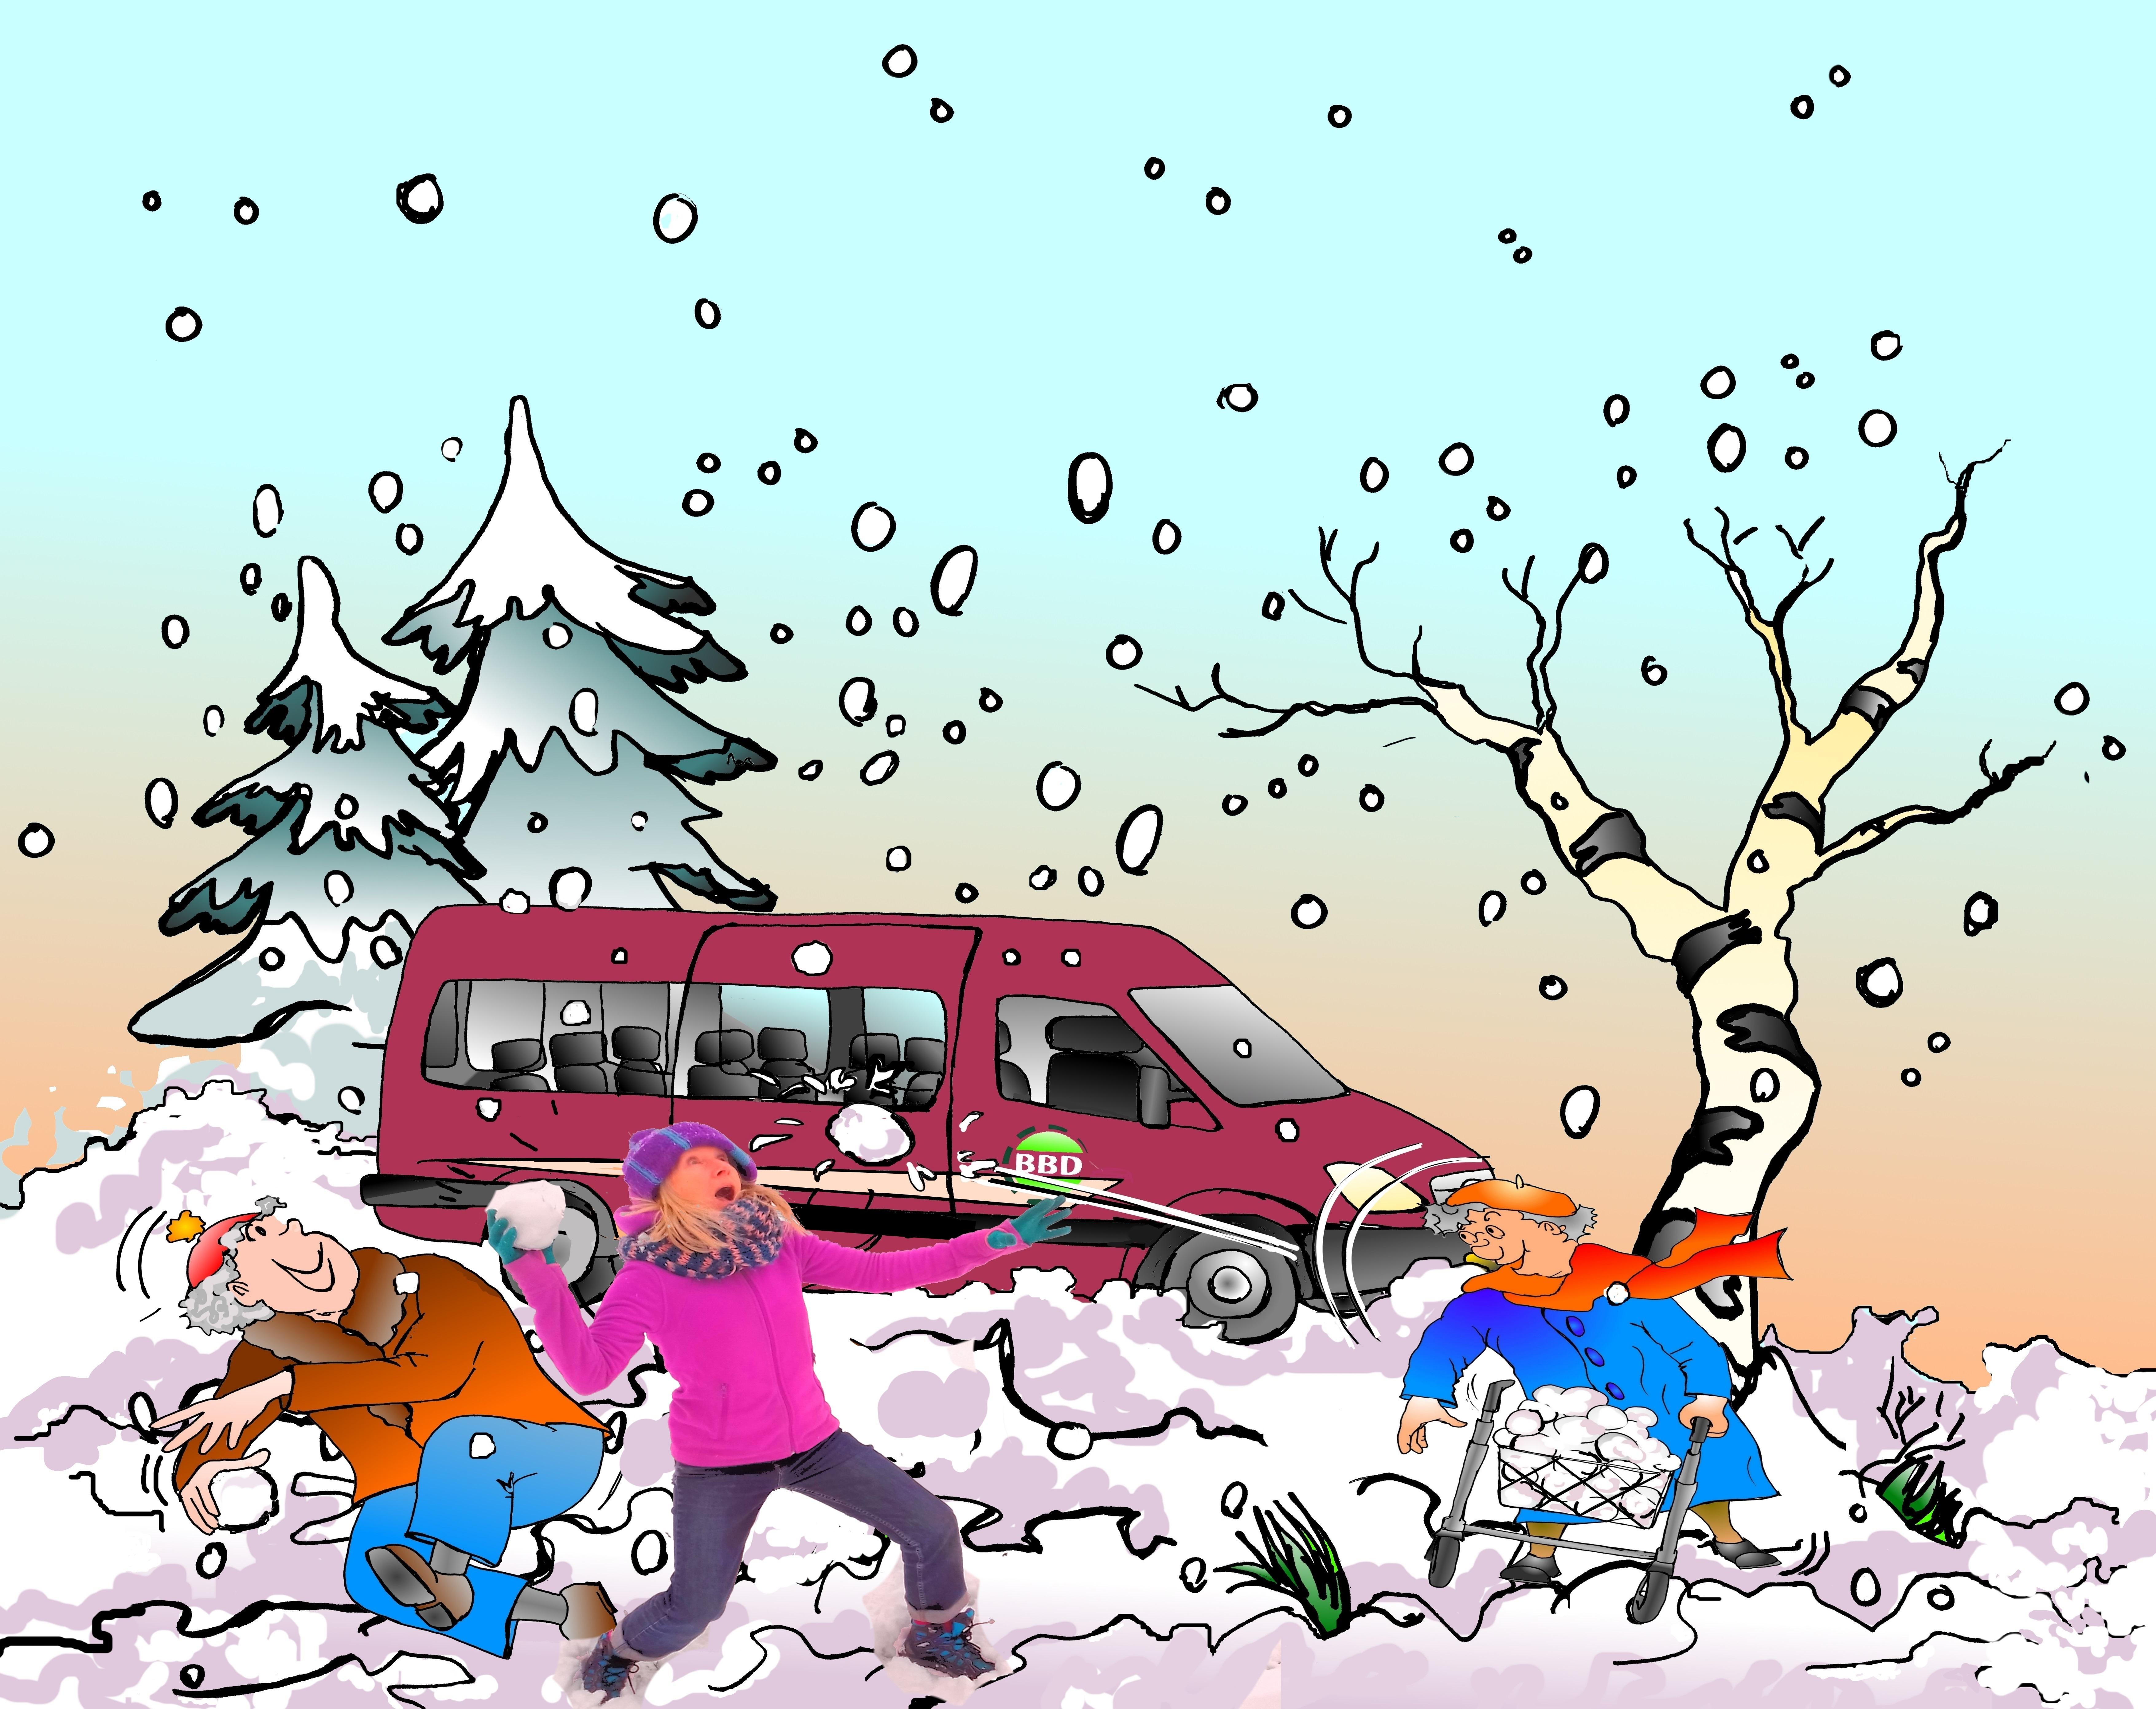 wintertafereelbbdmet ber